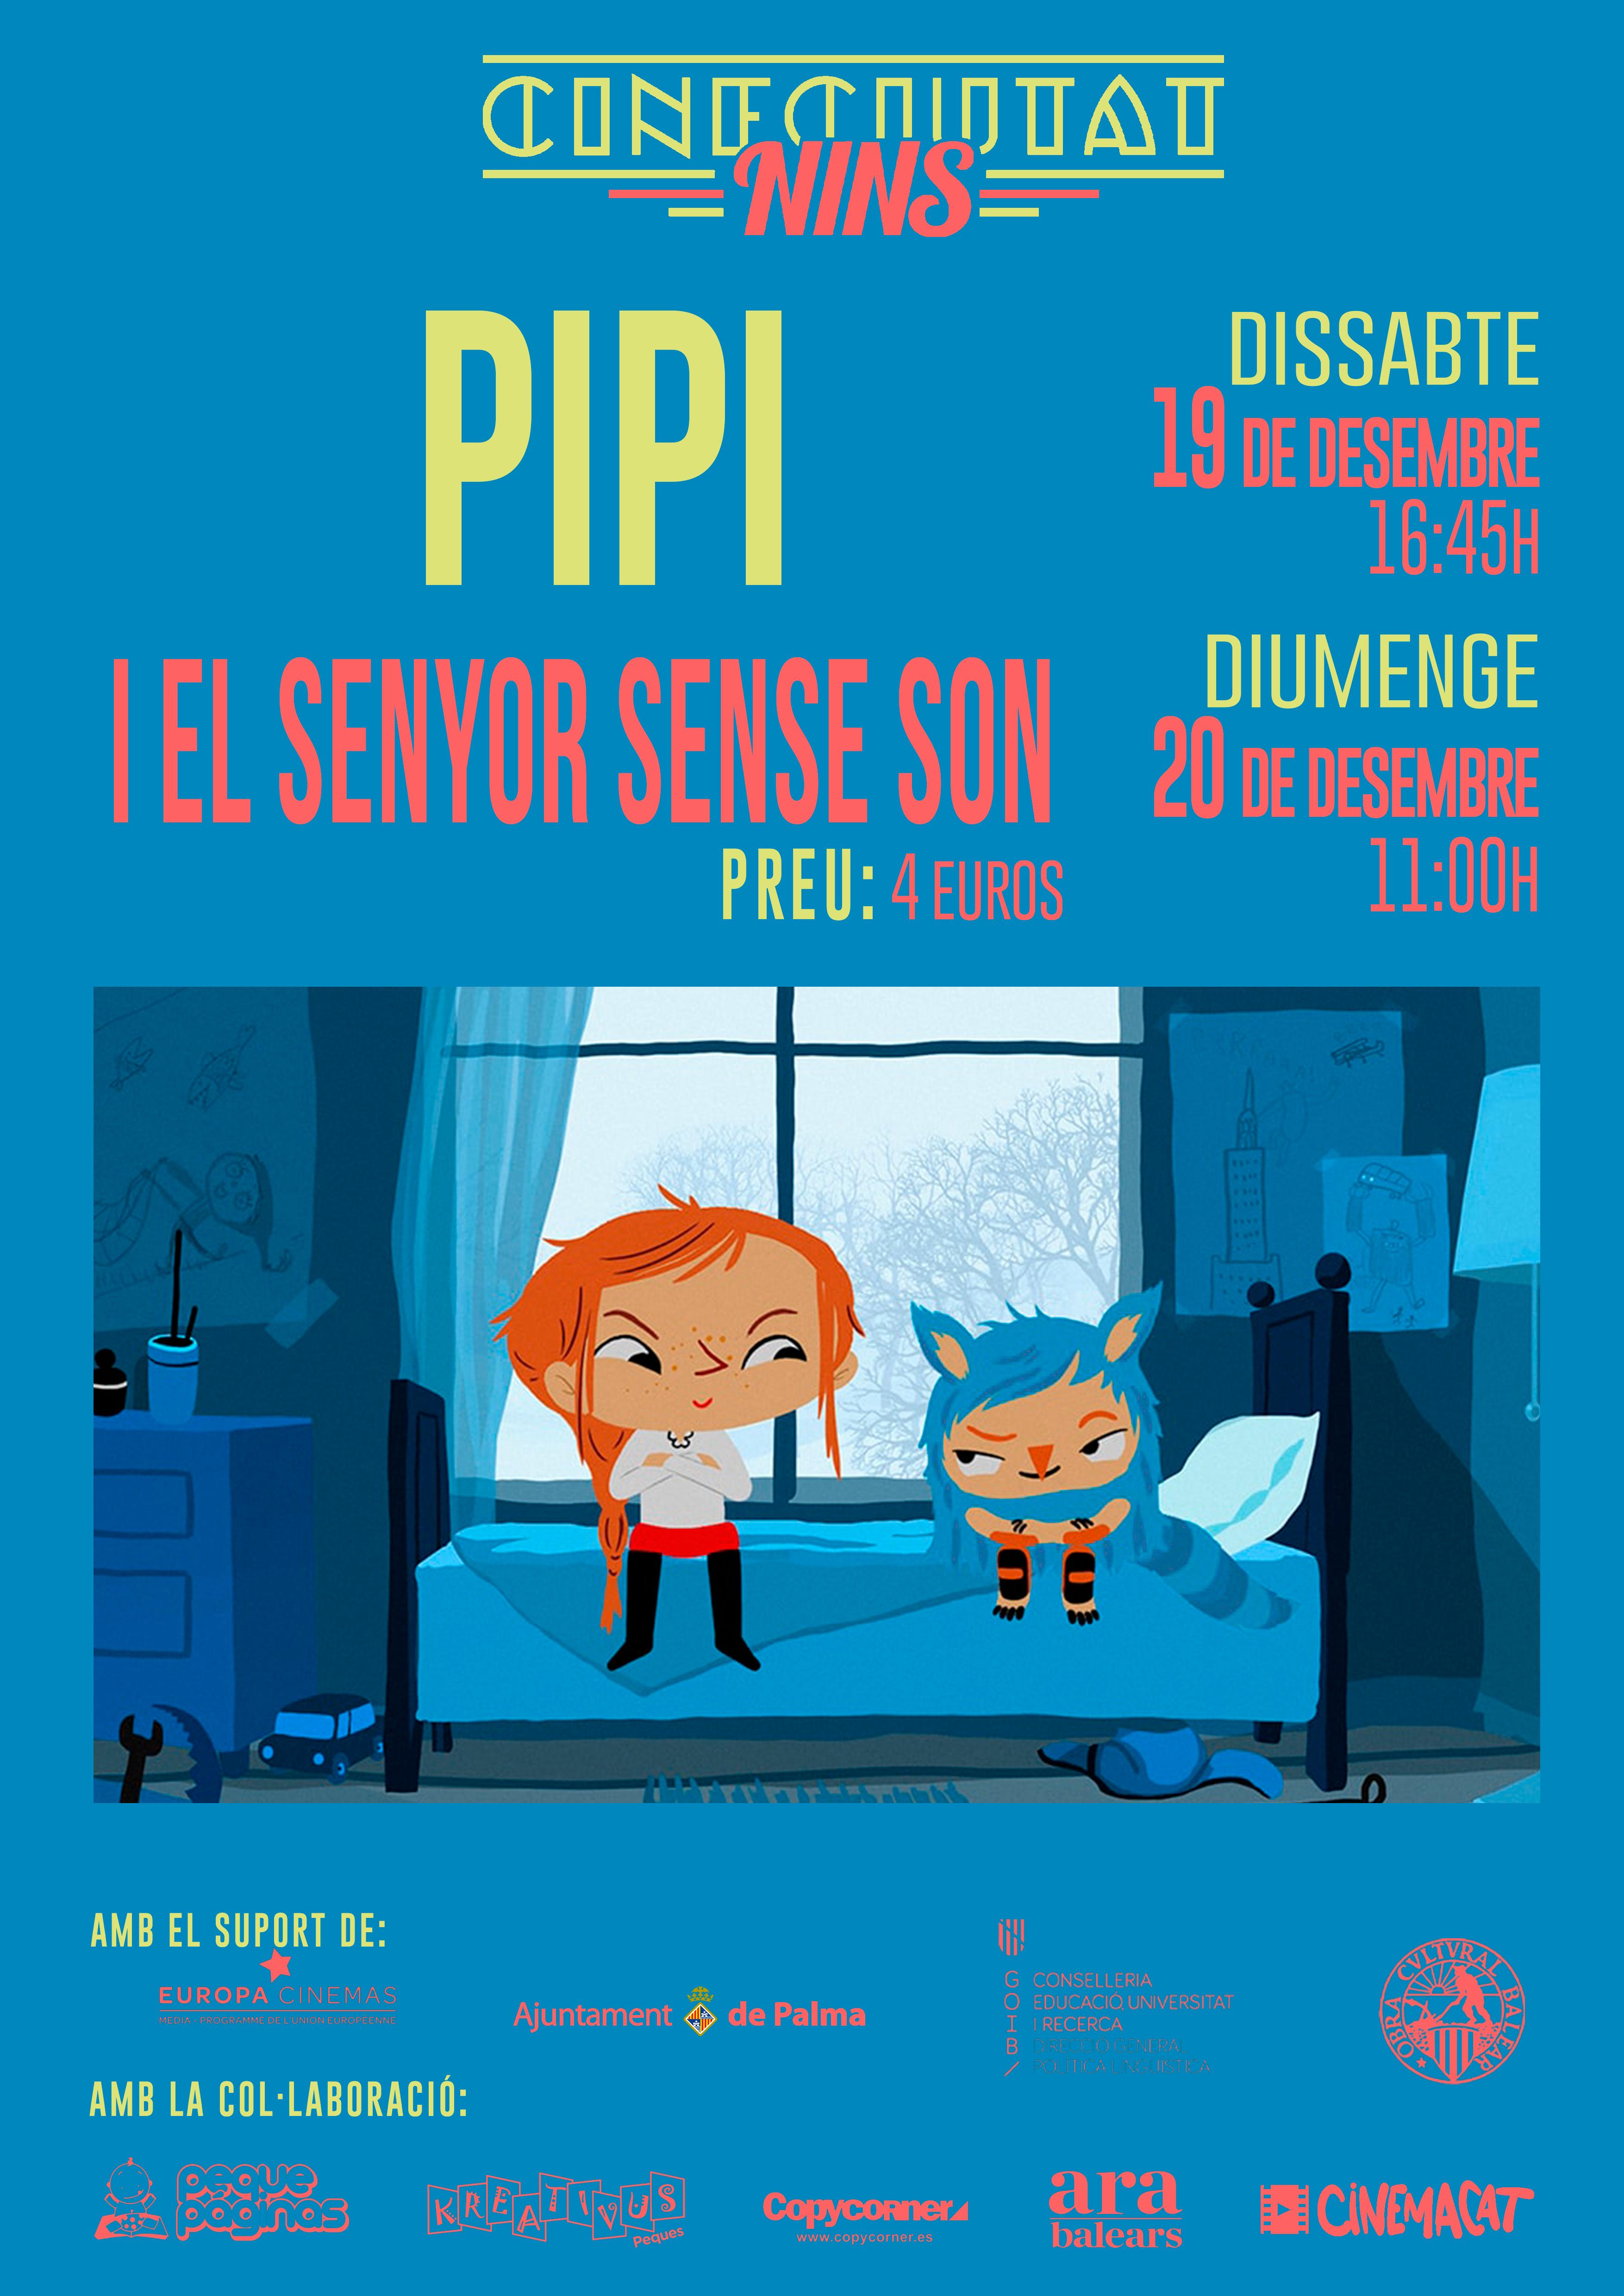 CineCiutatNins: Pippi i el senyor sense son